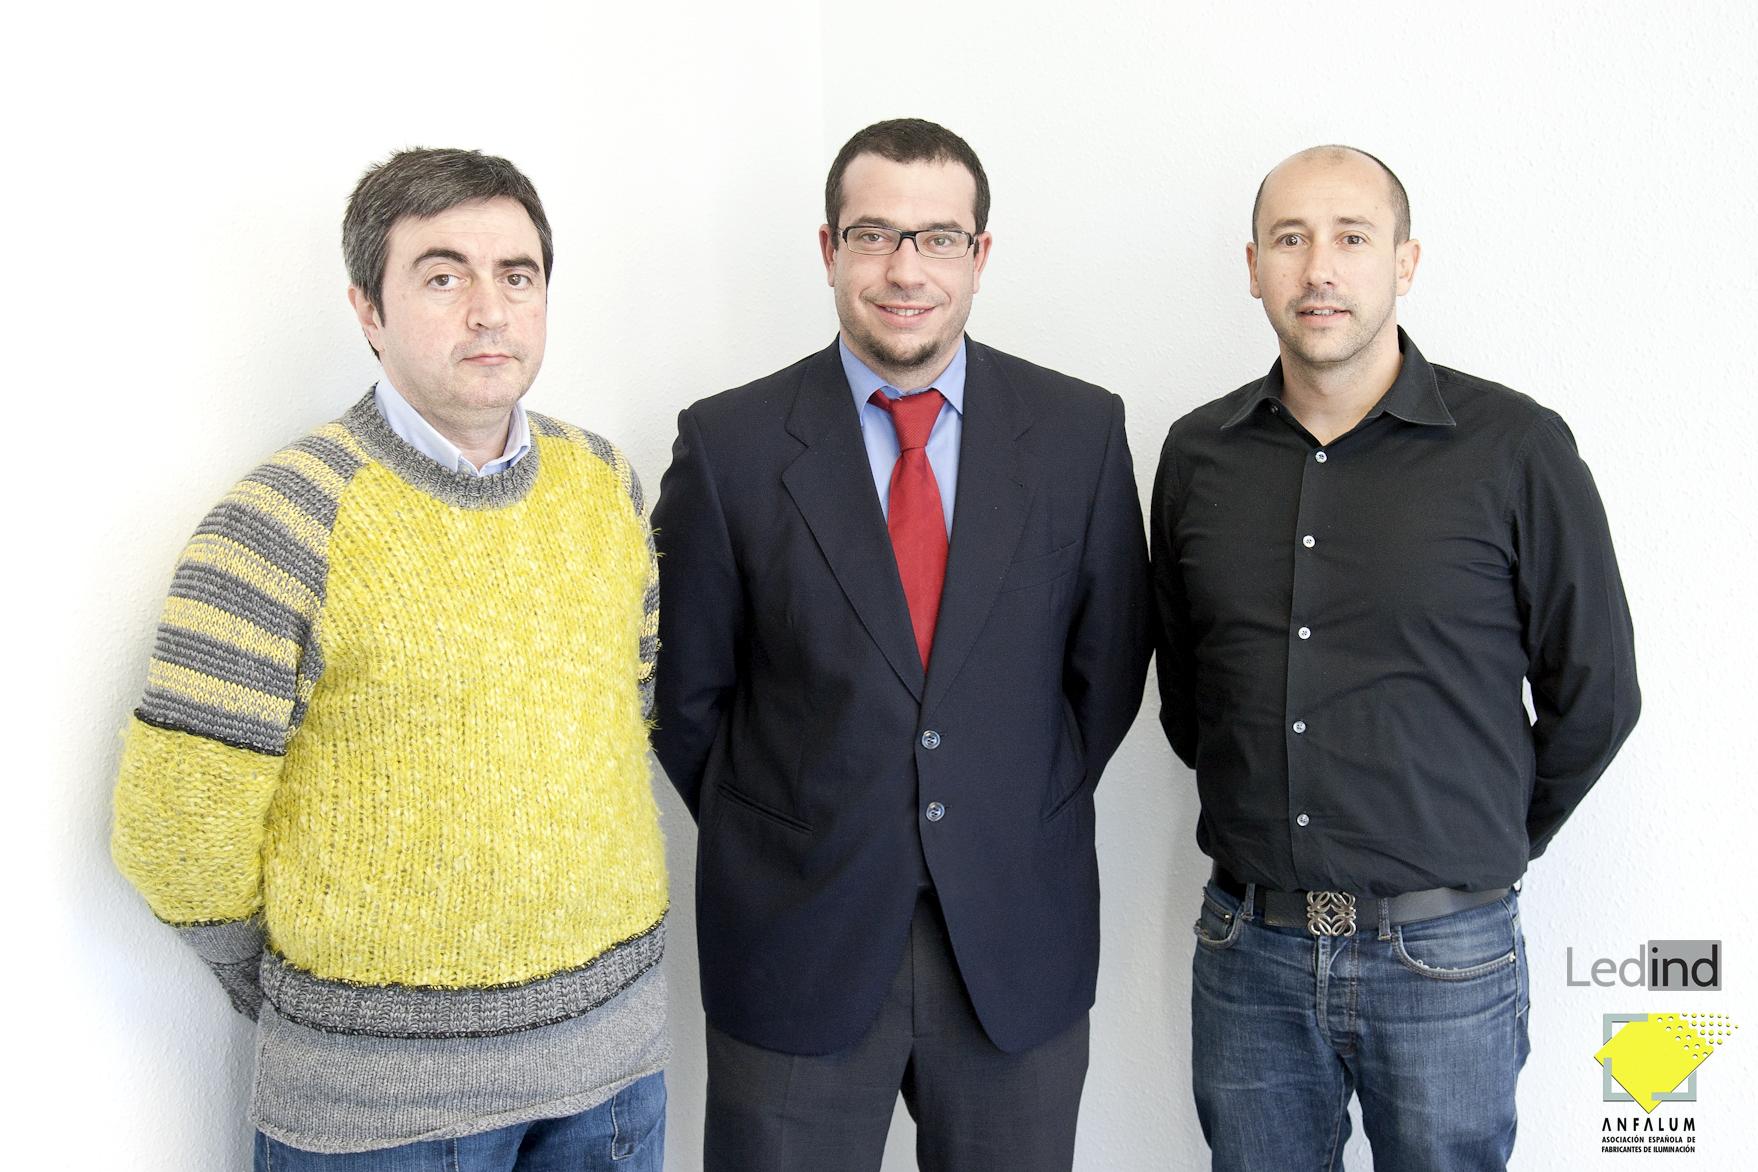 Alfalum visita la sede de Ledind con Javier Moreno Guerrero , Ricardo Pomatta Gutiérrez y Toni Castells Bisbal